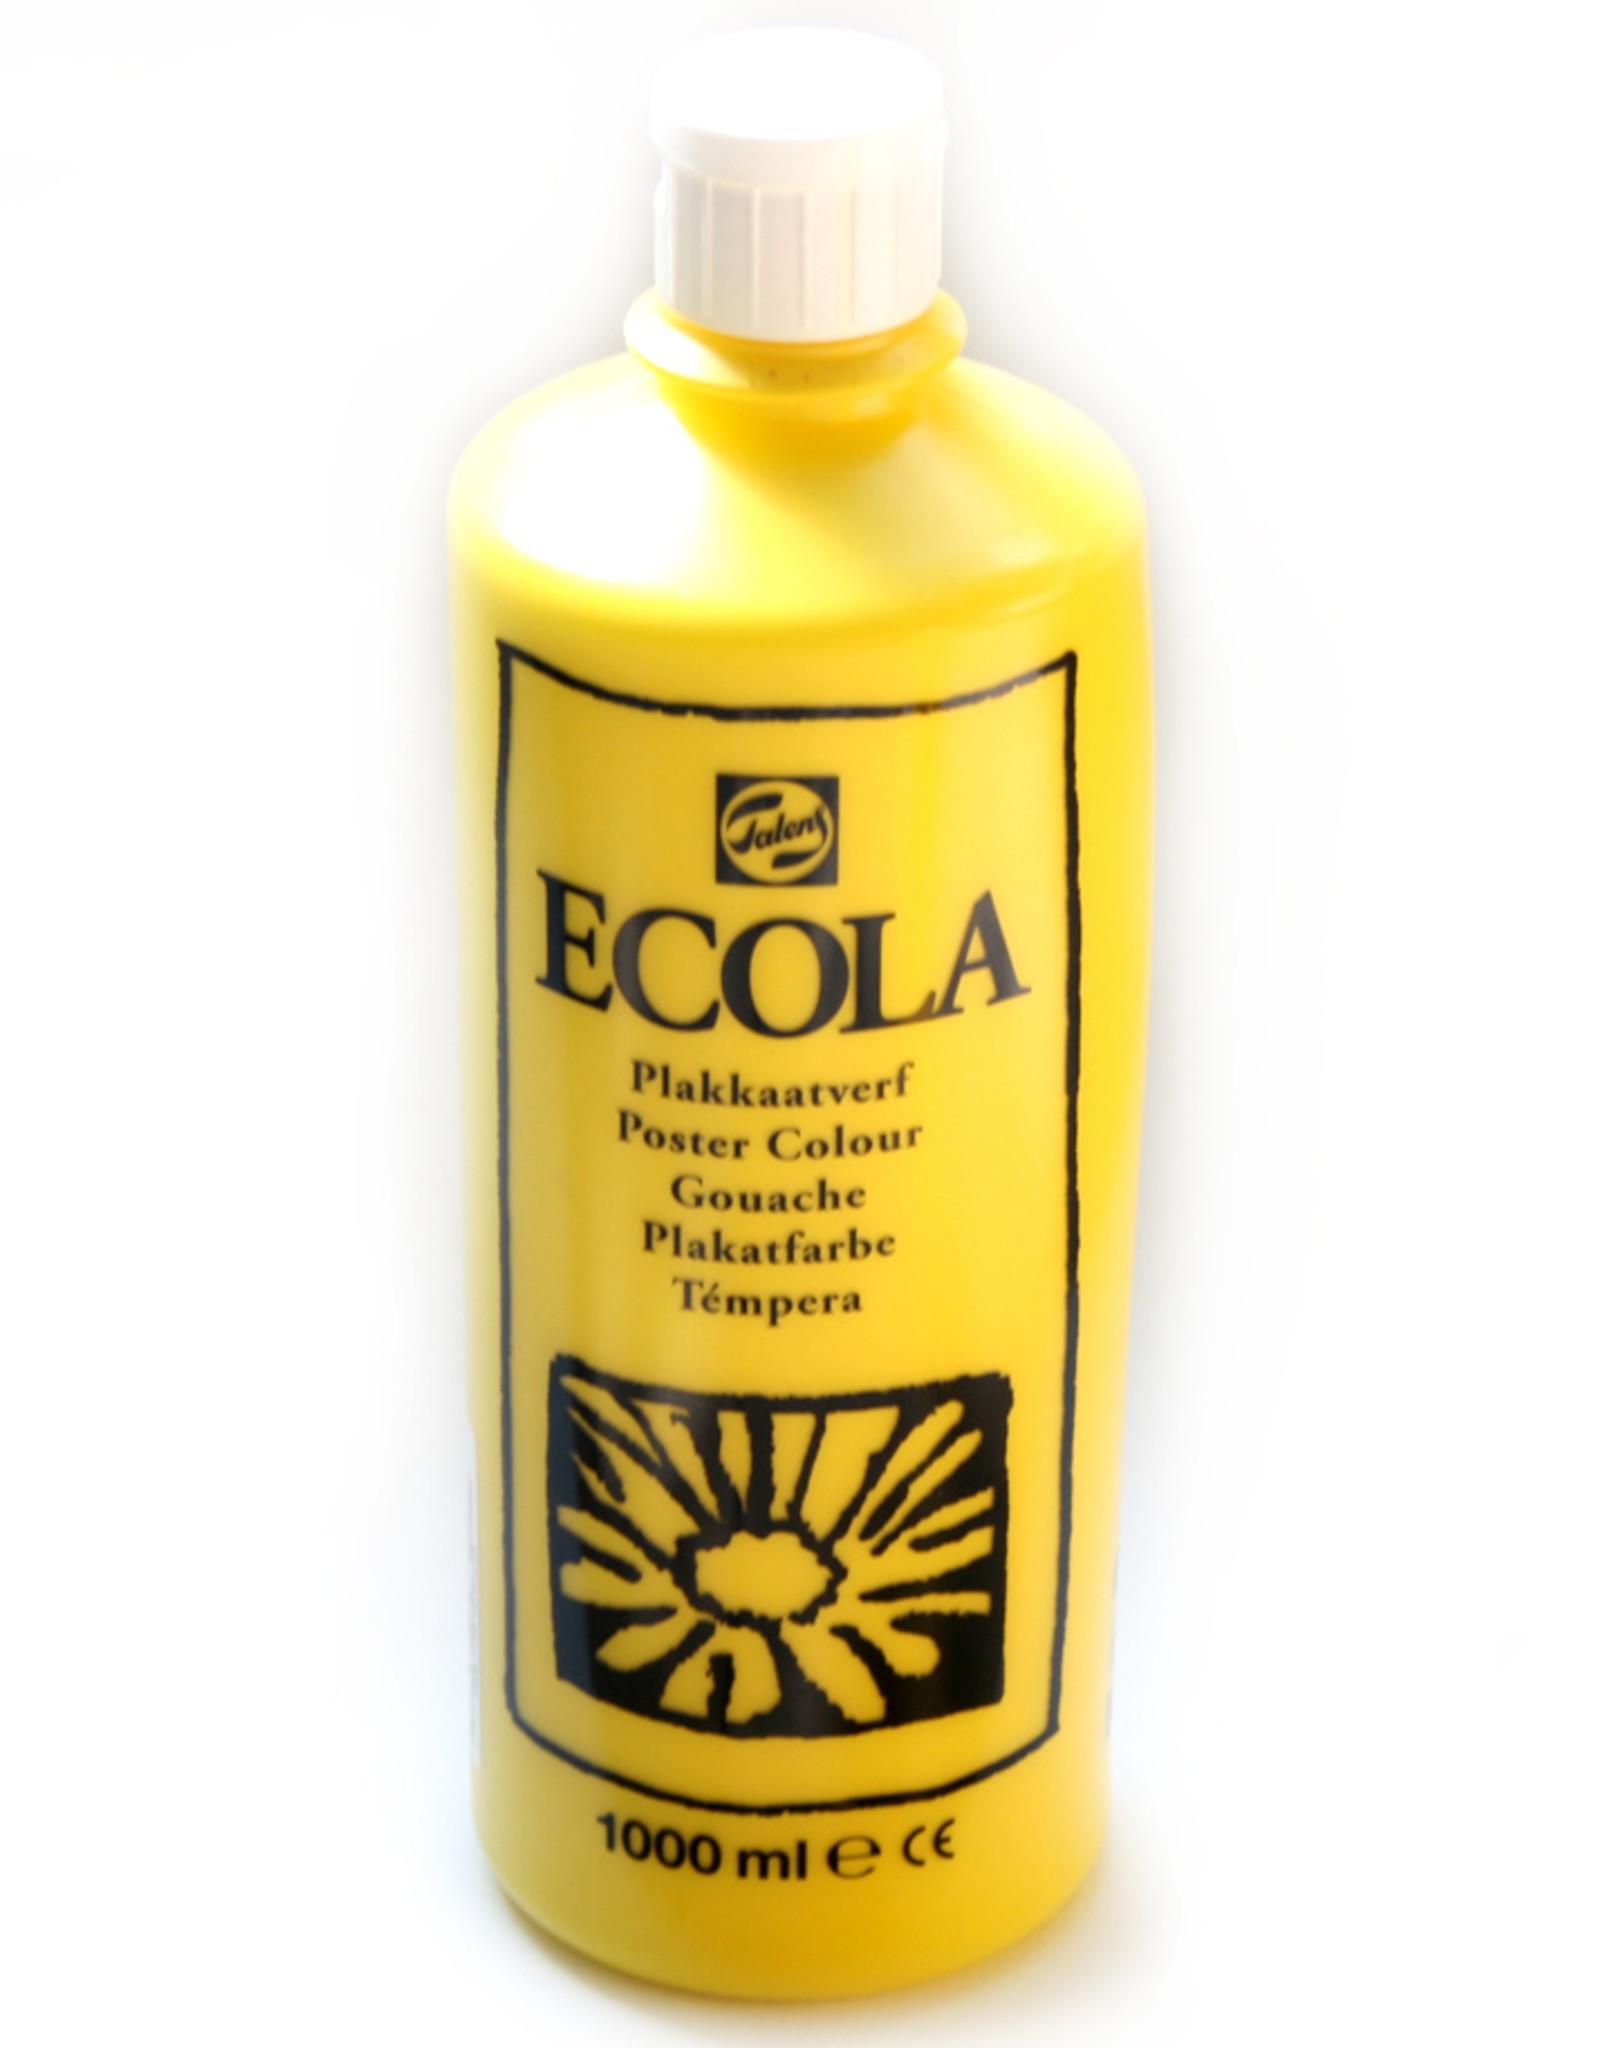 Talens Talens Ecola is de betere schoolkwaliteit (gouache o) plakkaatverf en veruit het meest gebruikt op scholen in Nederland. Het is niet giftig, betaalbaar en toch redelijk van dekking en substantie